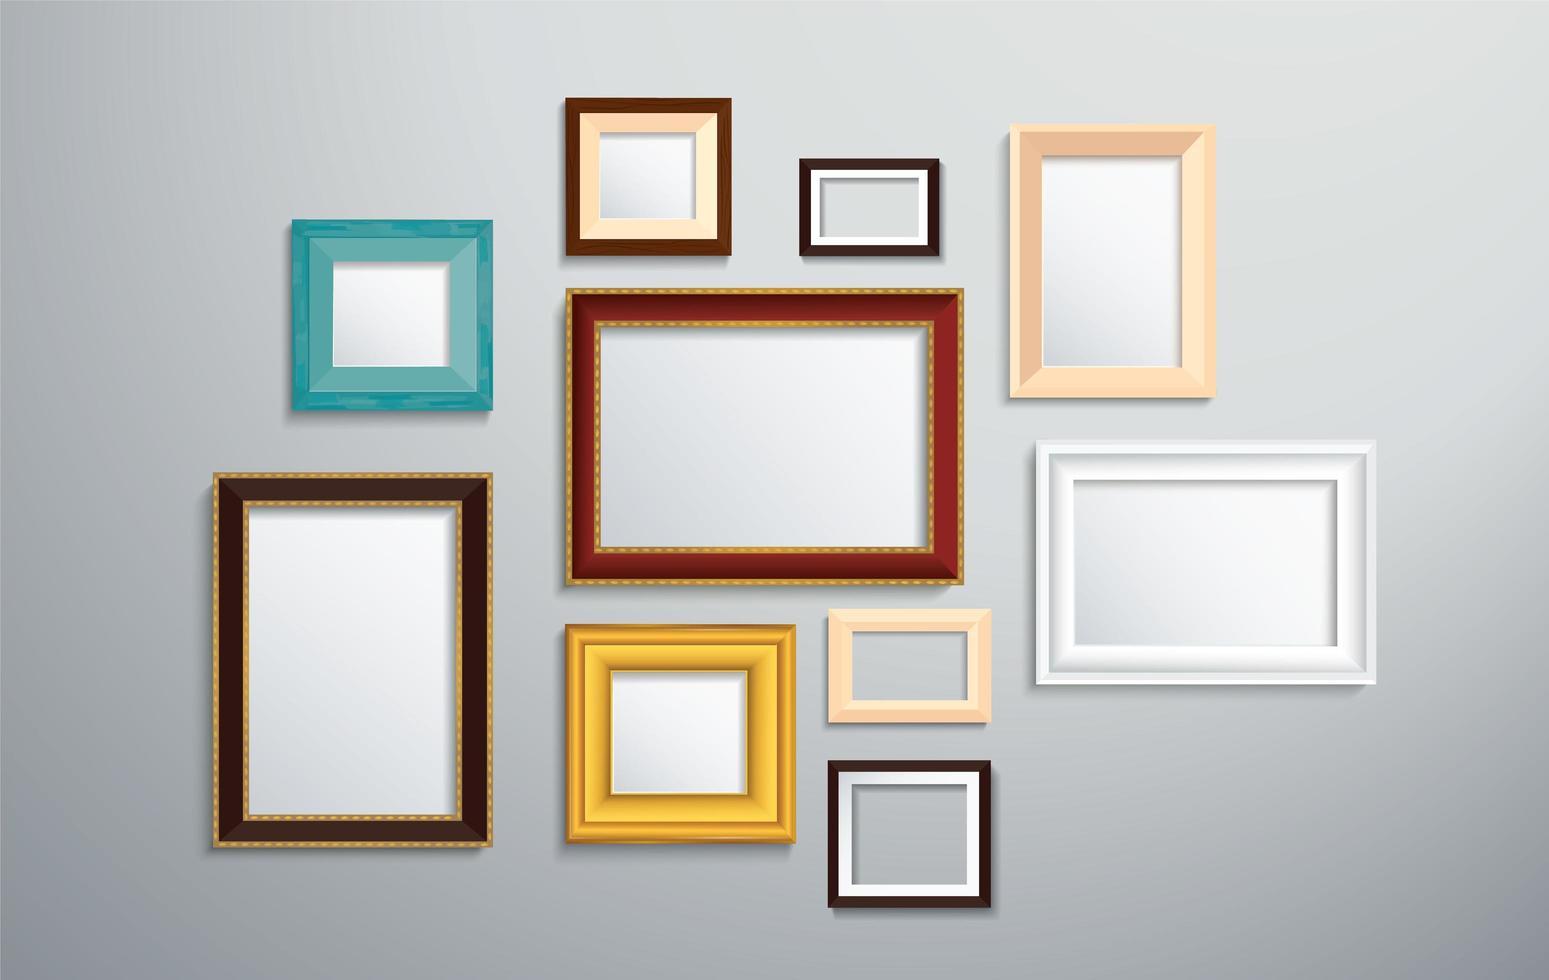 olika stilramar på väggen vektor